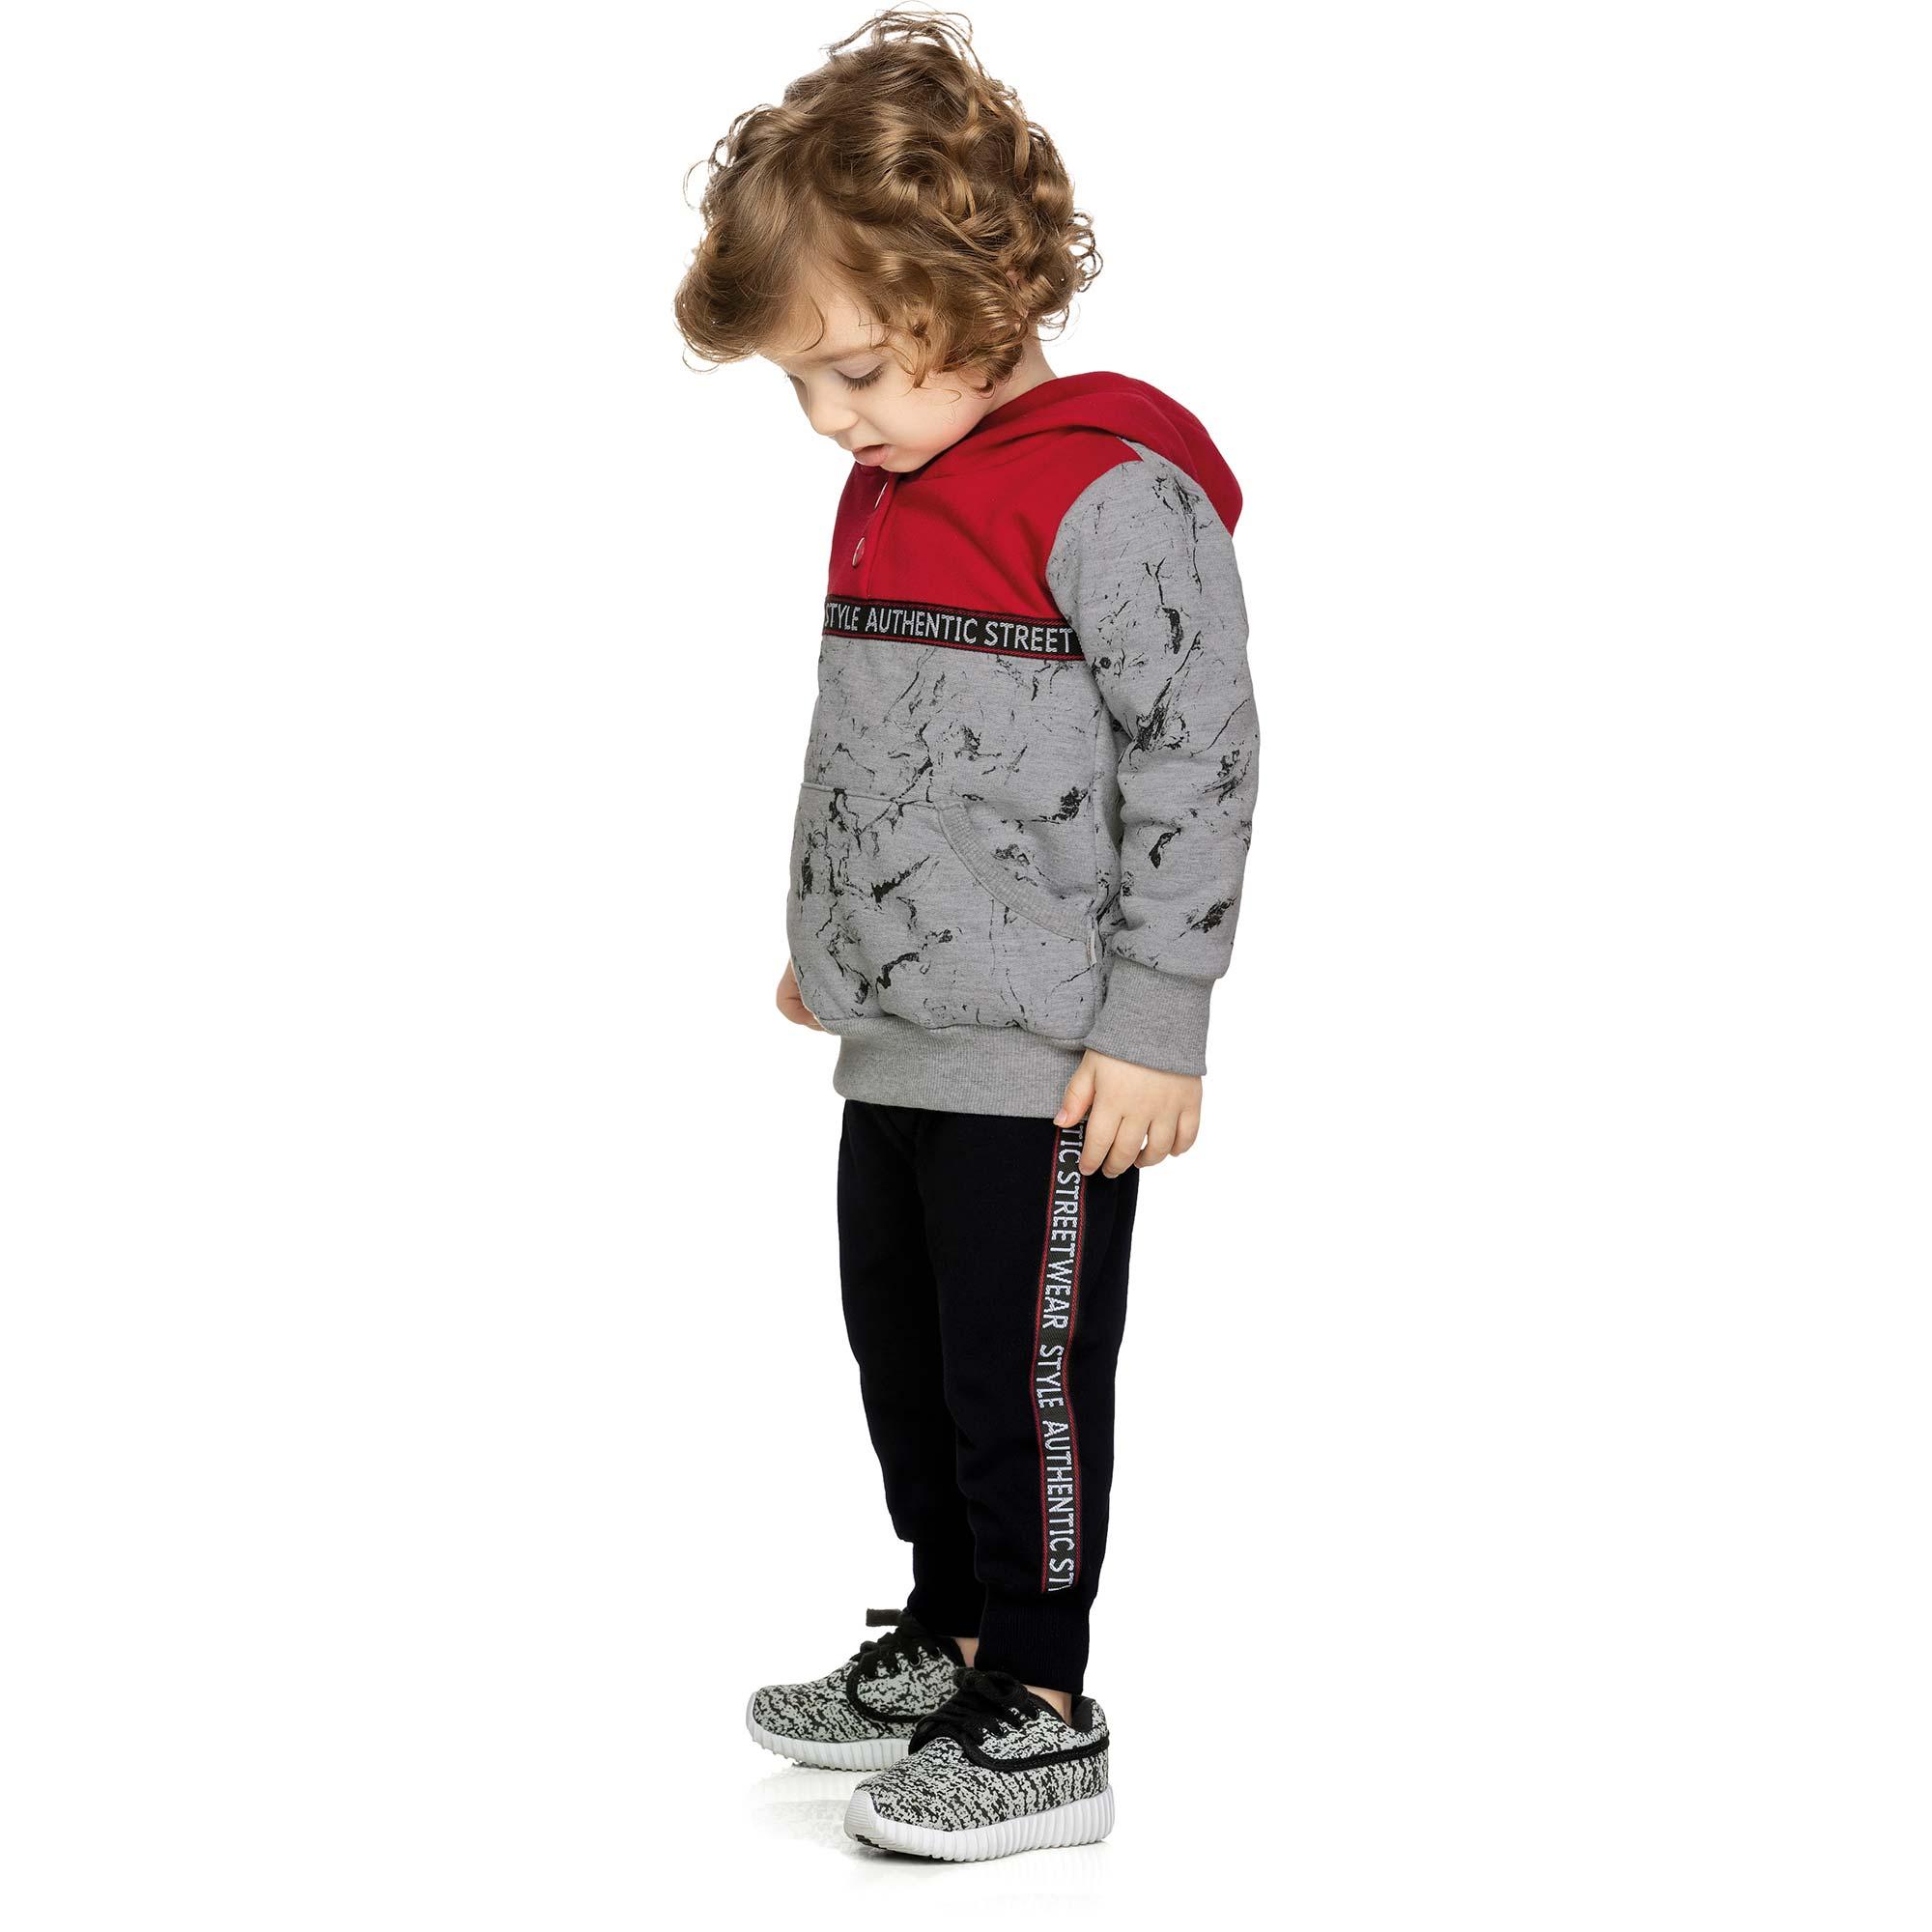 Conjunto Masculino Infantil Elian com Blusão e Calça  - Ref 22882